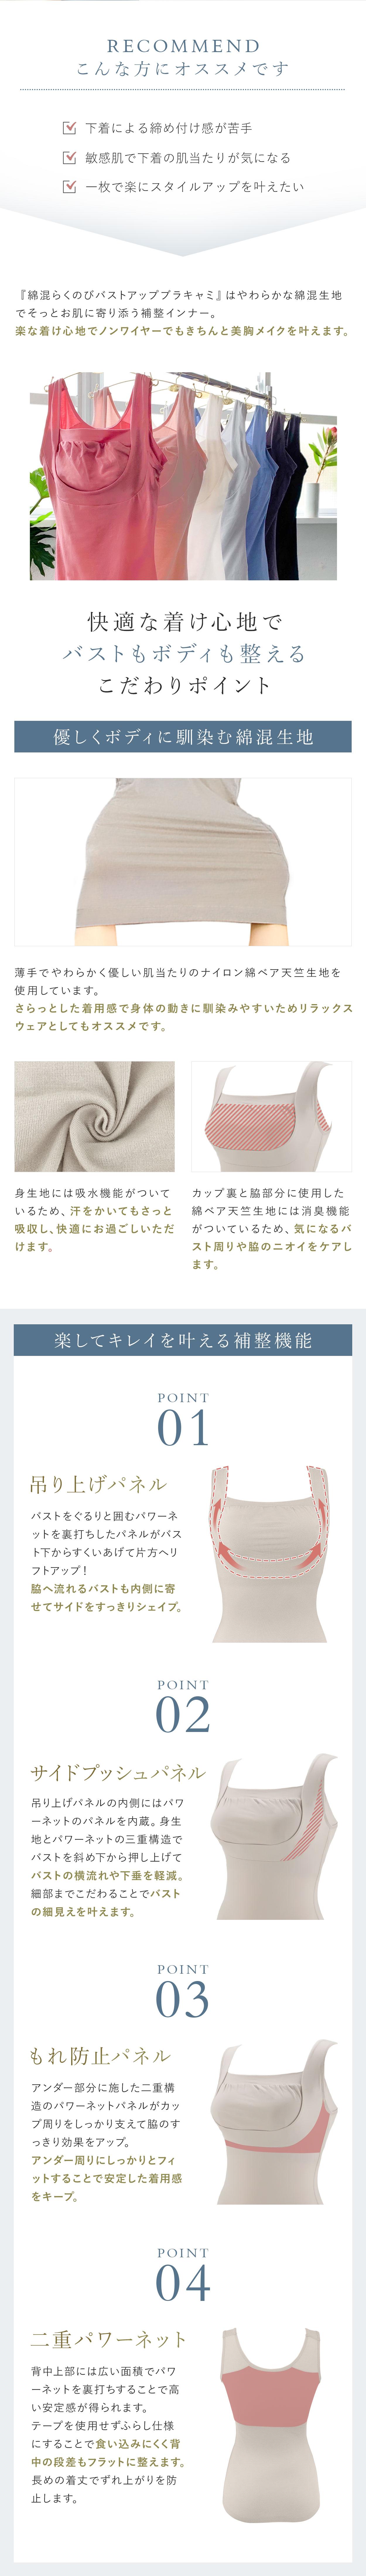 綿混らくのびシリーズ詳細①